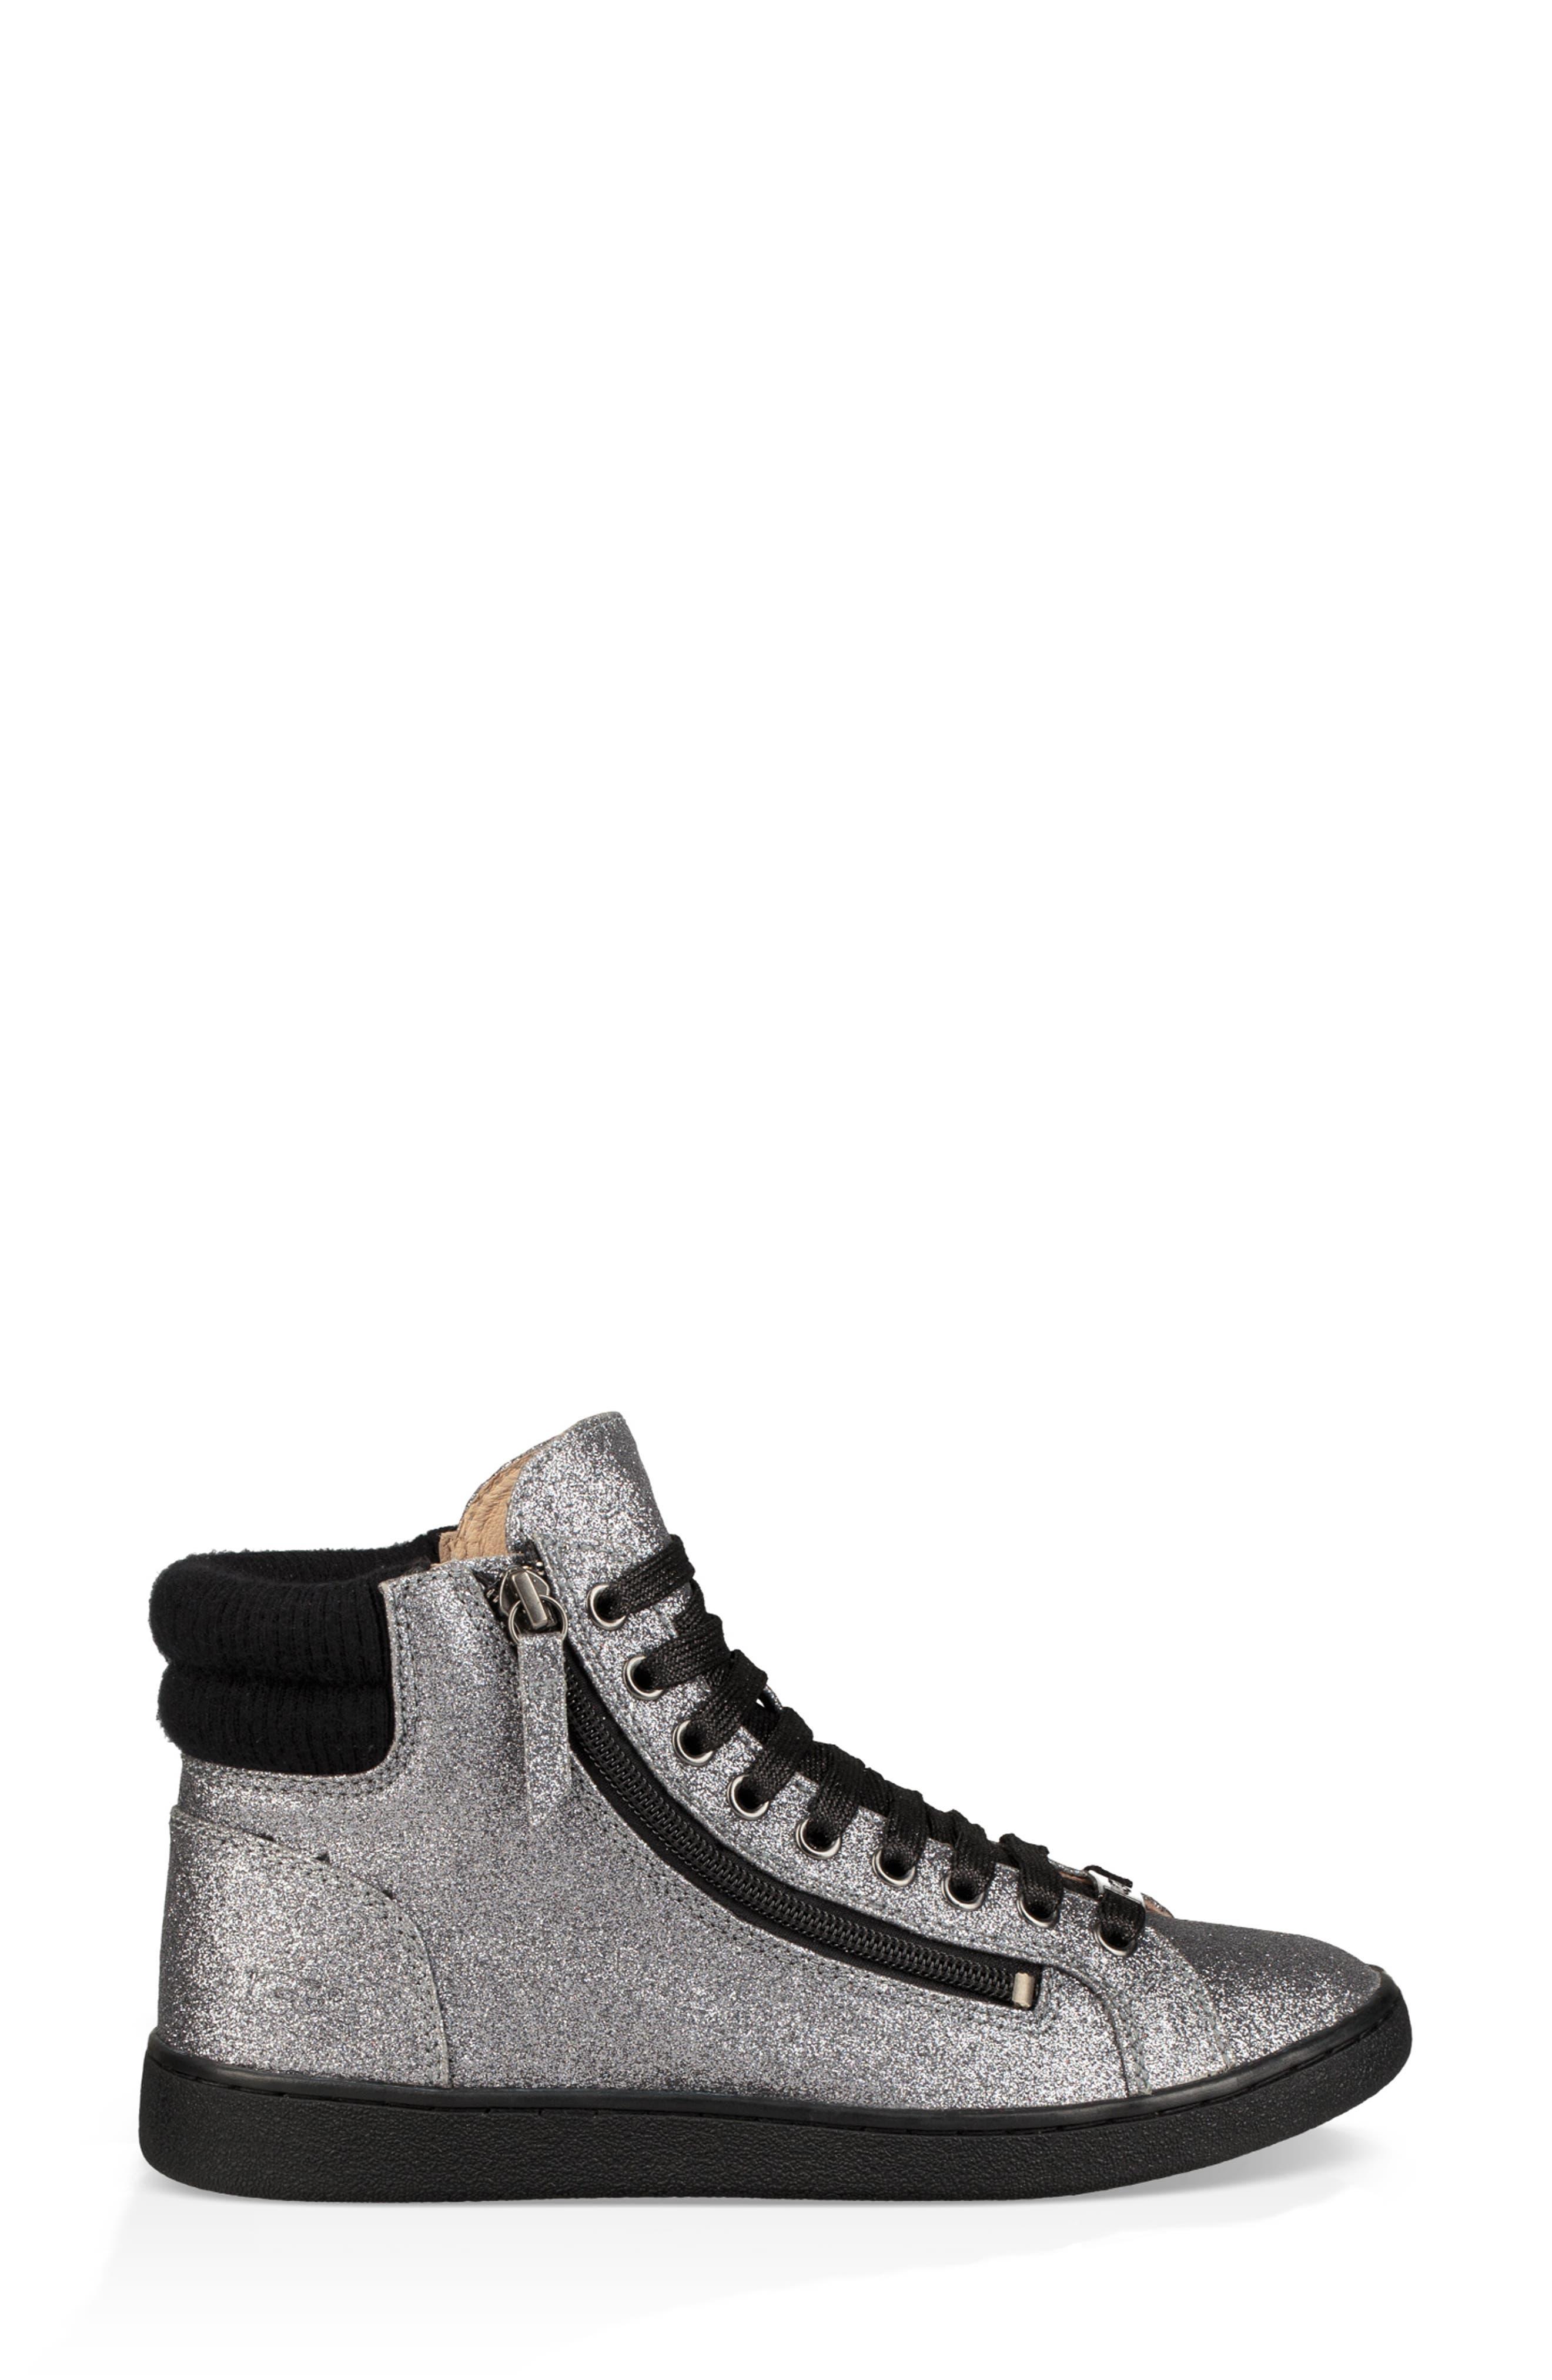 Olive Glitter Sneaker,                             Alternate thumbnail 3, color,                             GUNMETAL FABRIC